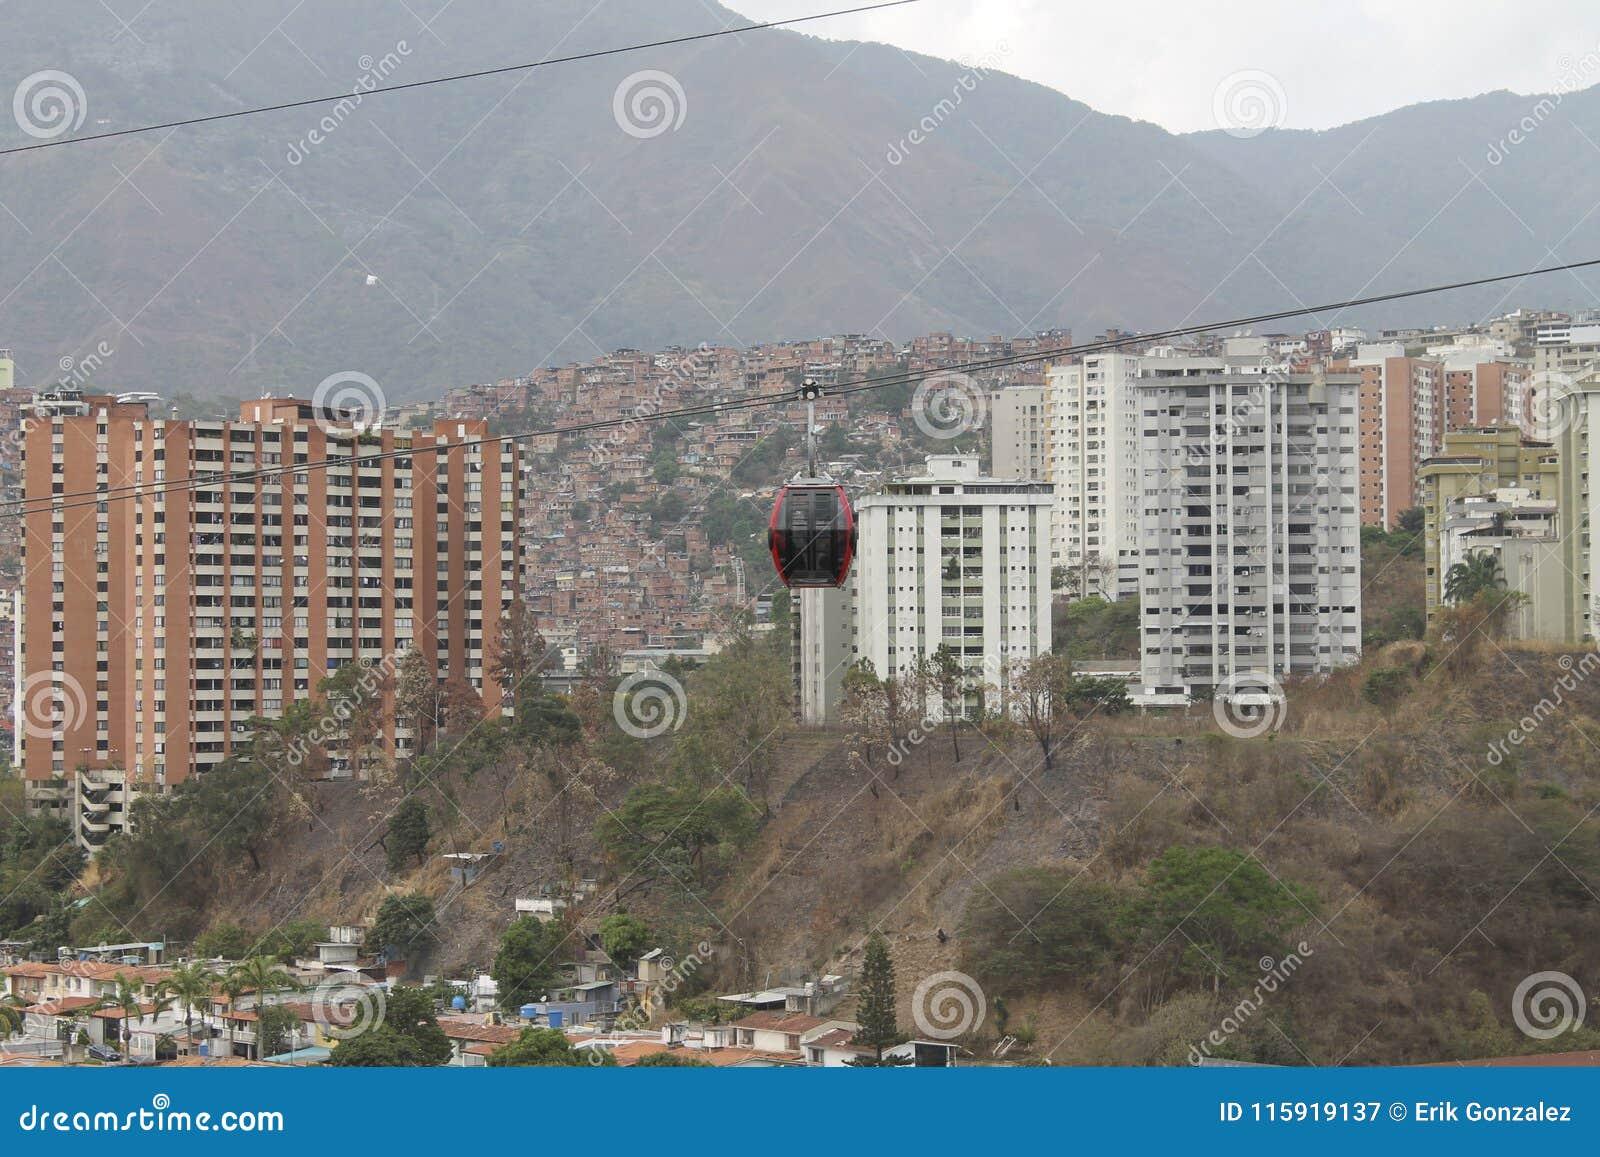 Teleferica veduta da Palo Verde a Caracas, Venezuela